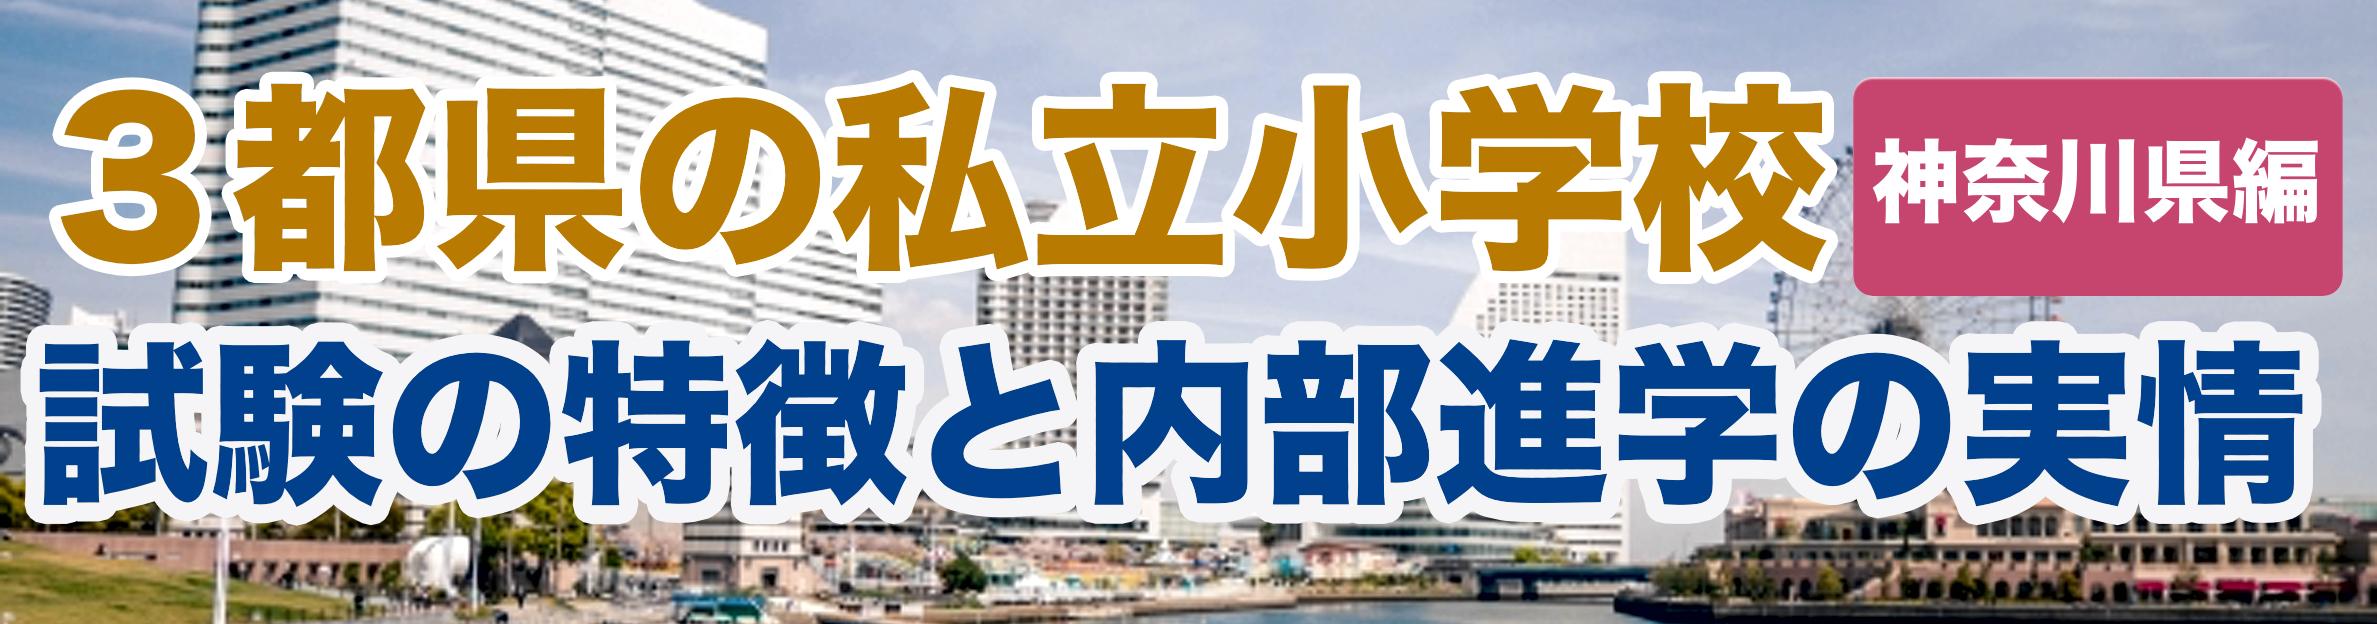 西荻フレンドリースクール神奈川県特徴(ブログ用)